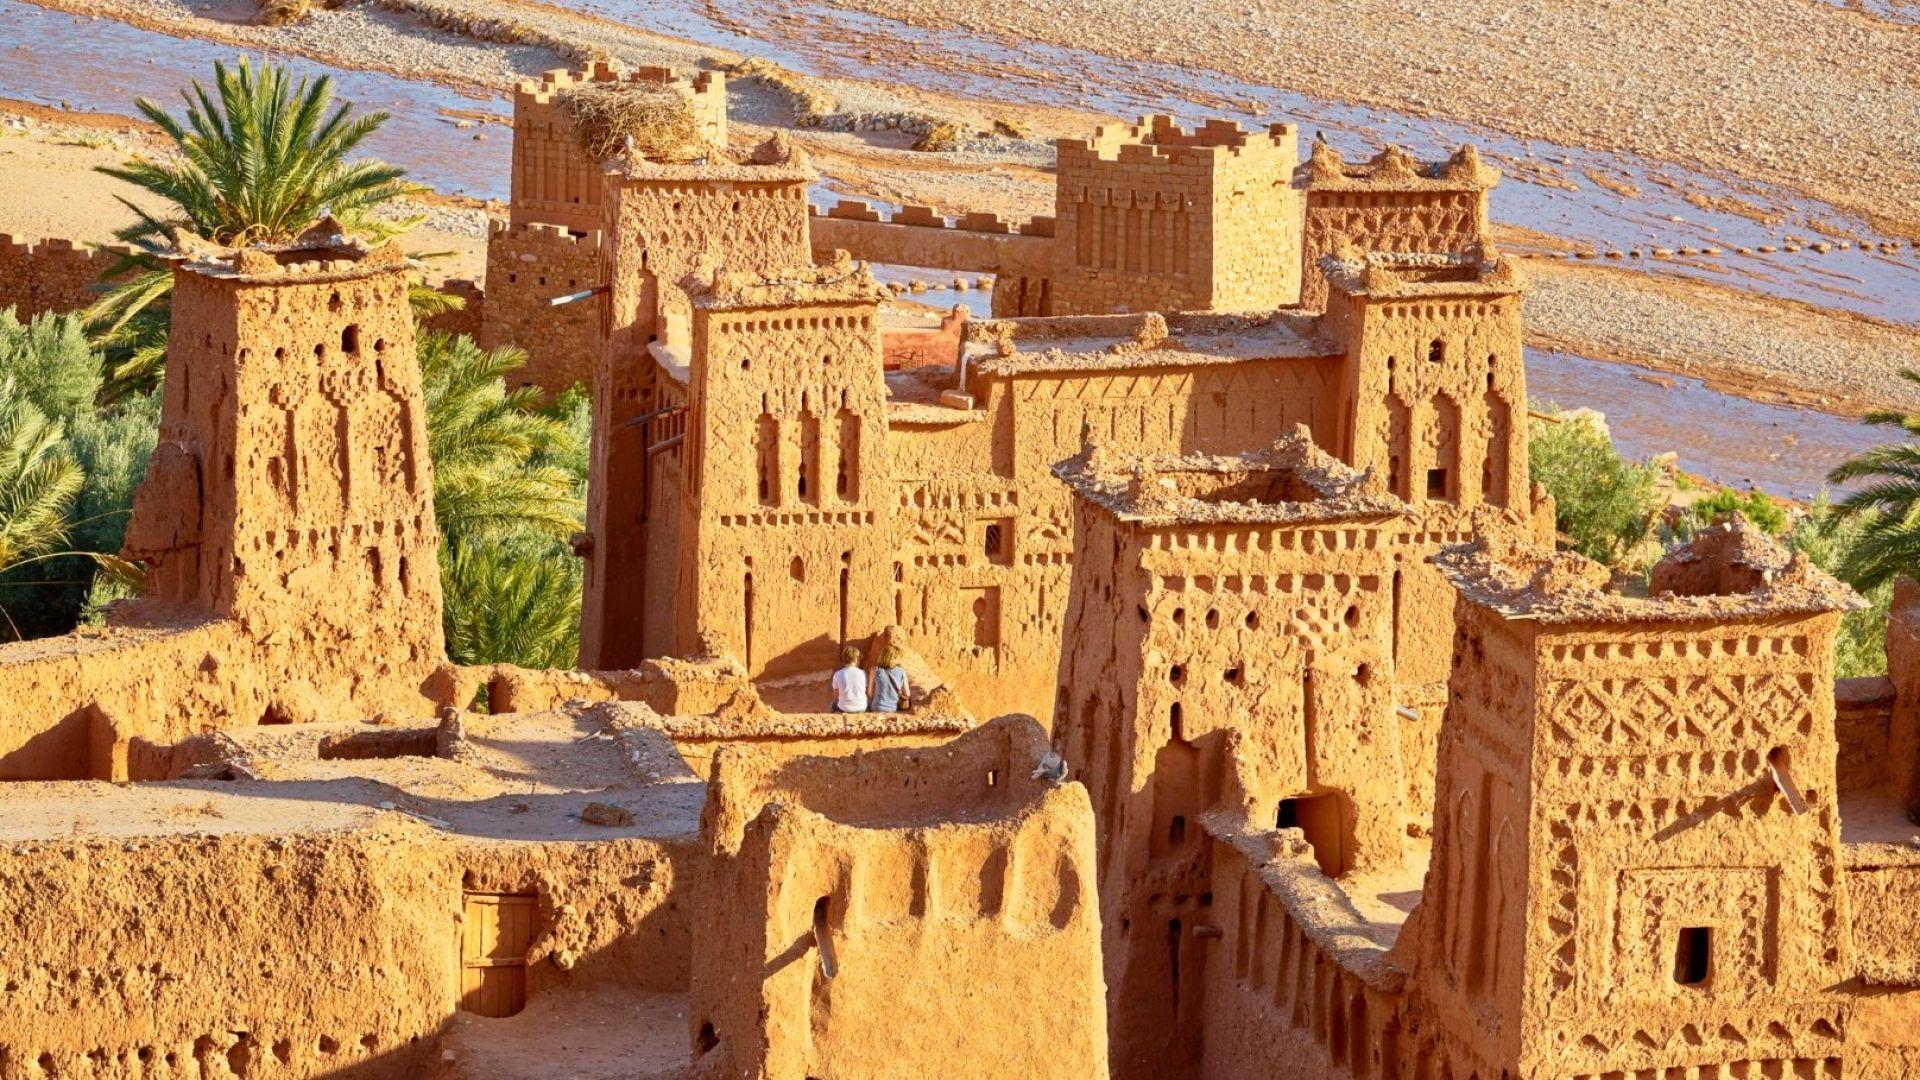 Айт Бен Хаду: най-красивото кирпичено село в Мароко (снимки)